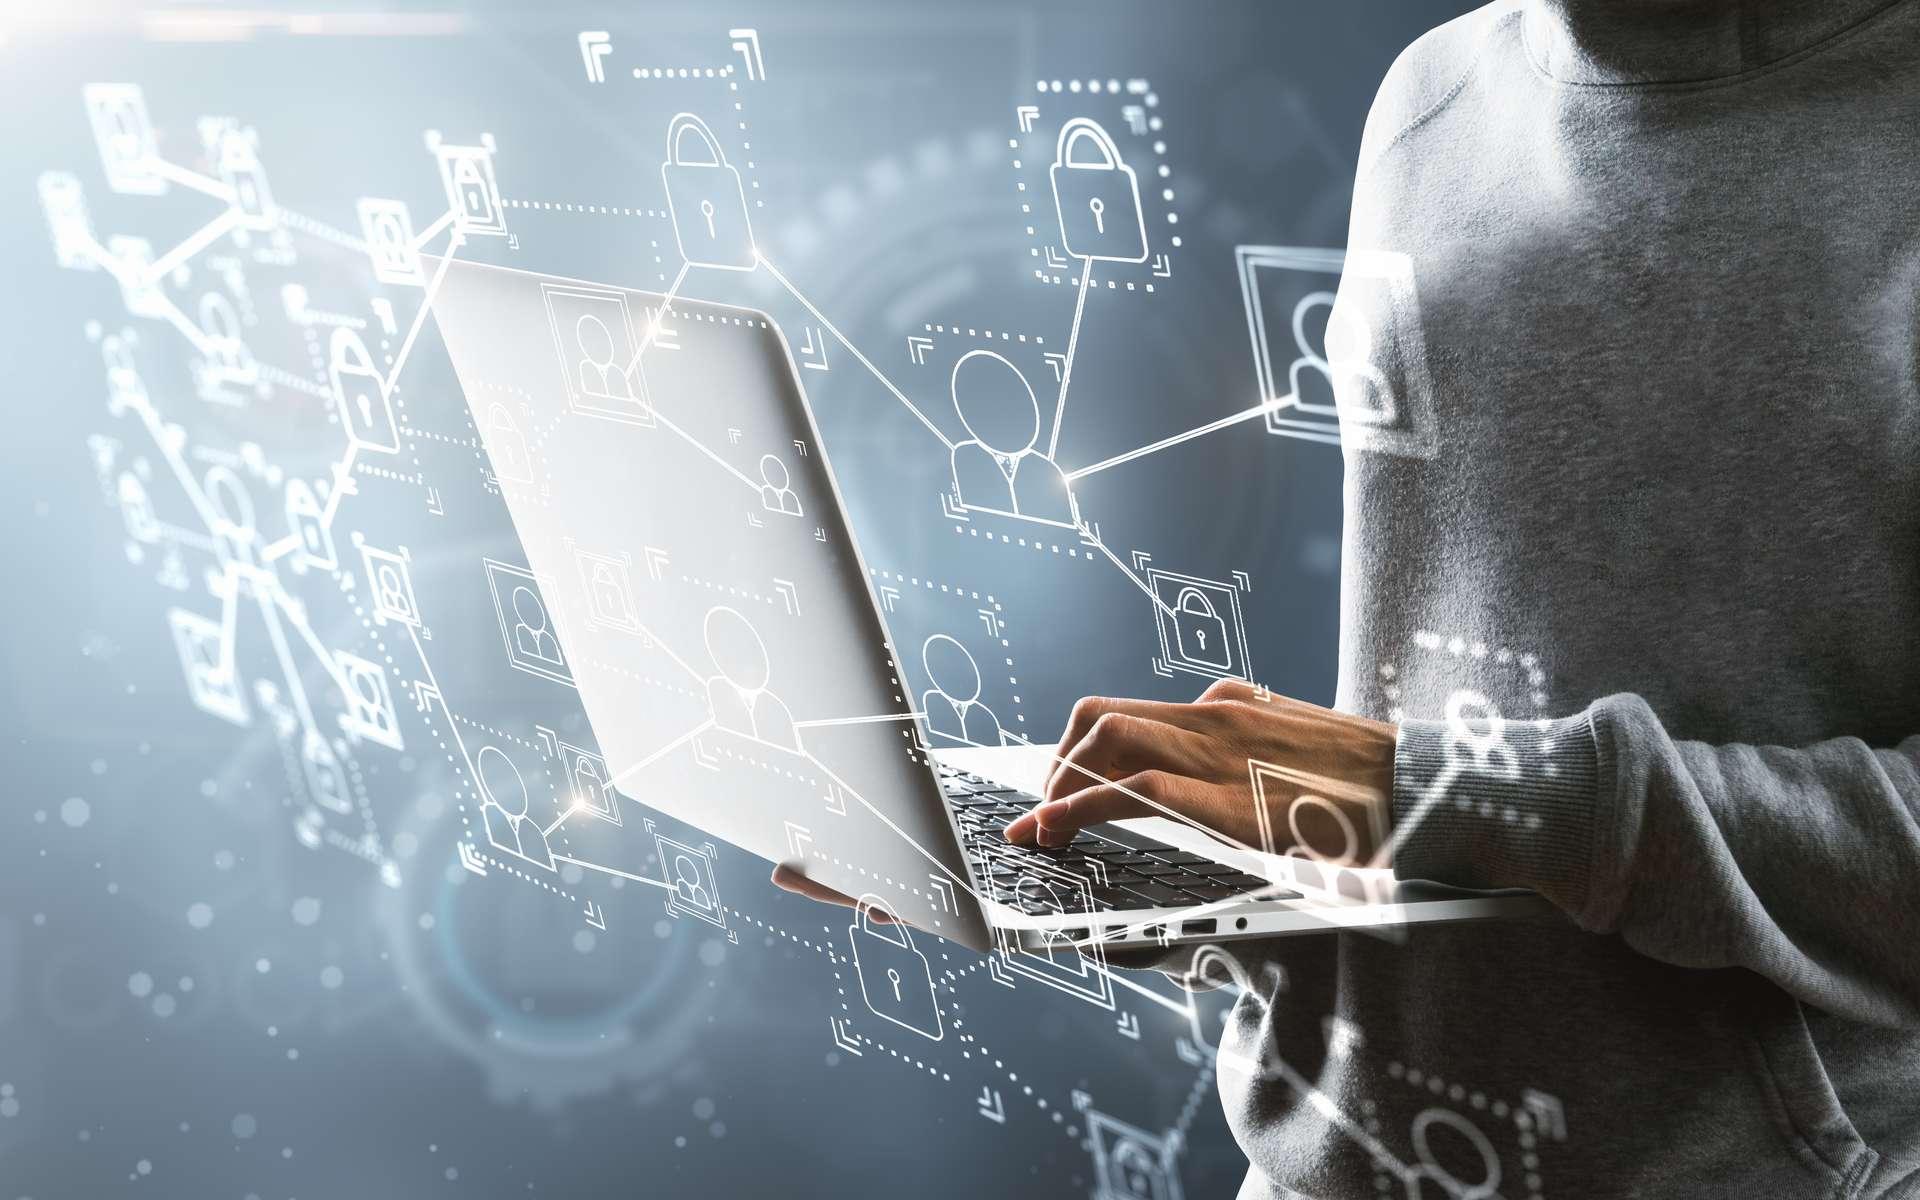 Le hacker éthique est un professionnel de la cybersécurité, son rôle est d'assurer la protection des systèmes informatiques. © Peshkov, Adobe Stock